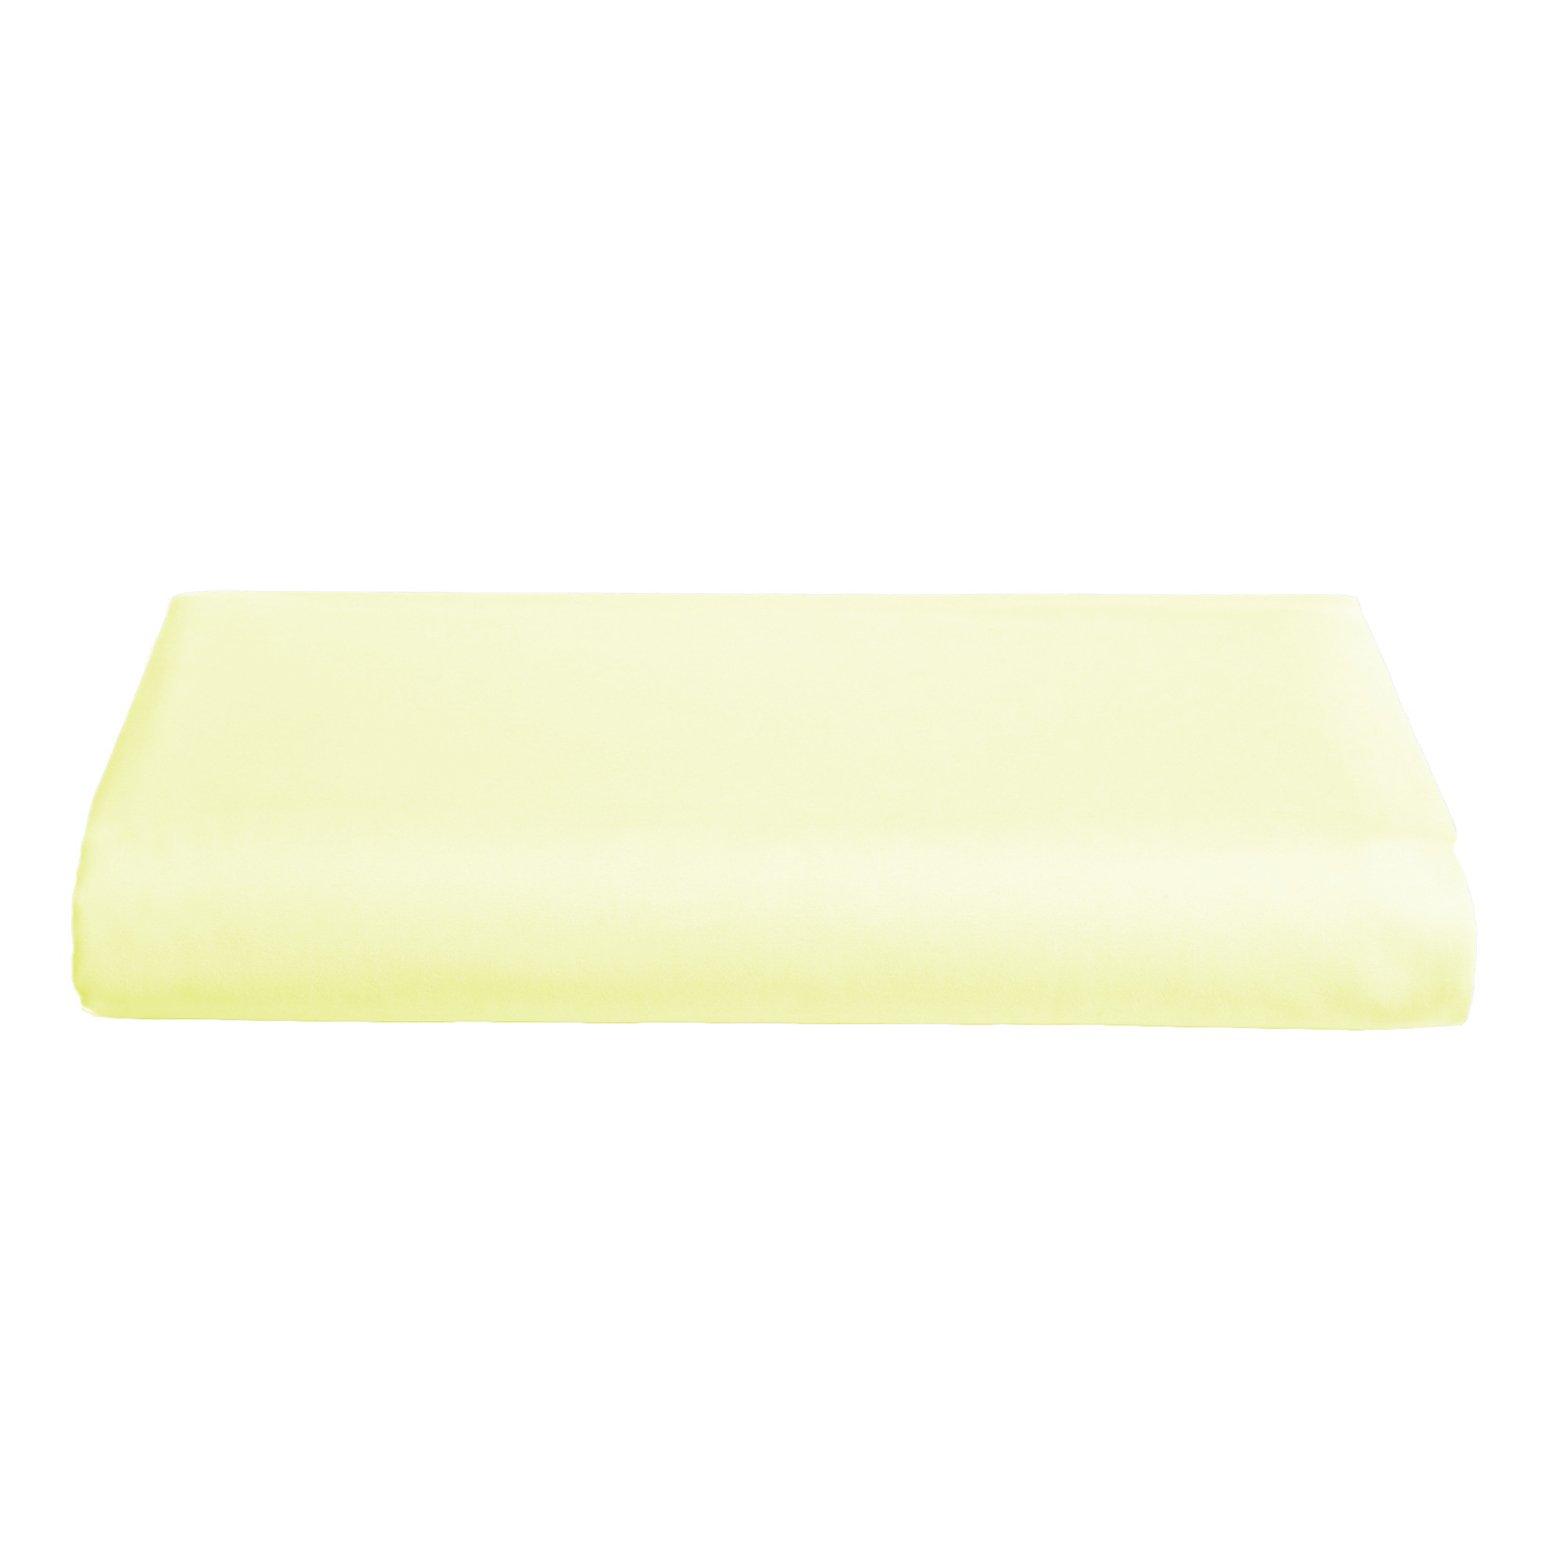 Babydoll Baby Cradle Sheet, Yellow, 18'' x 36''